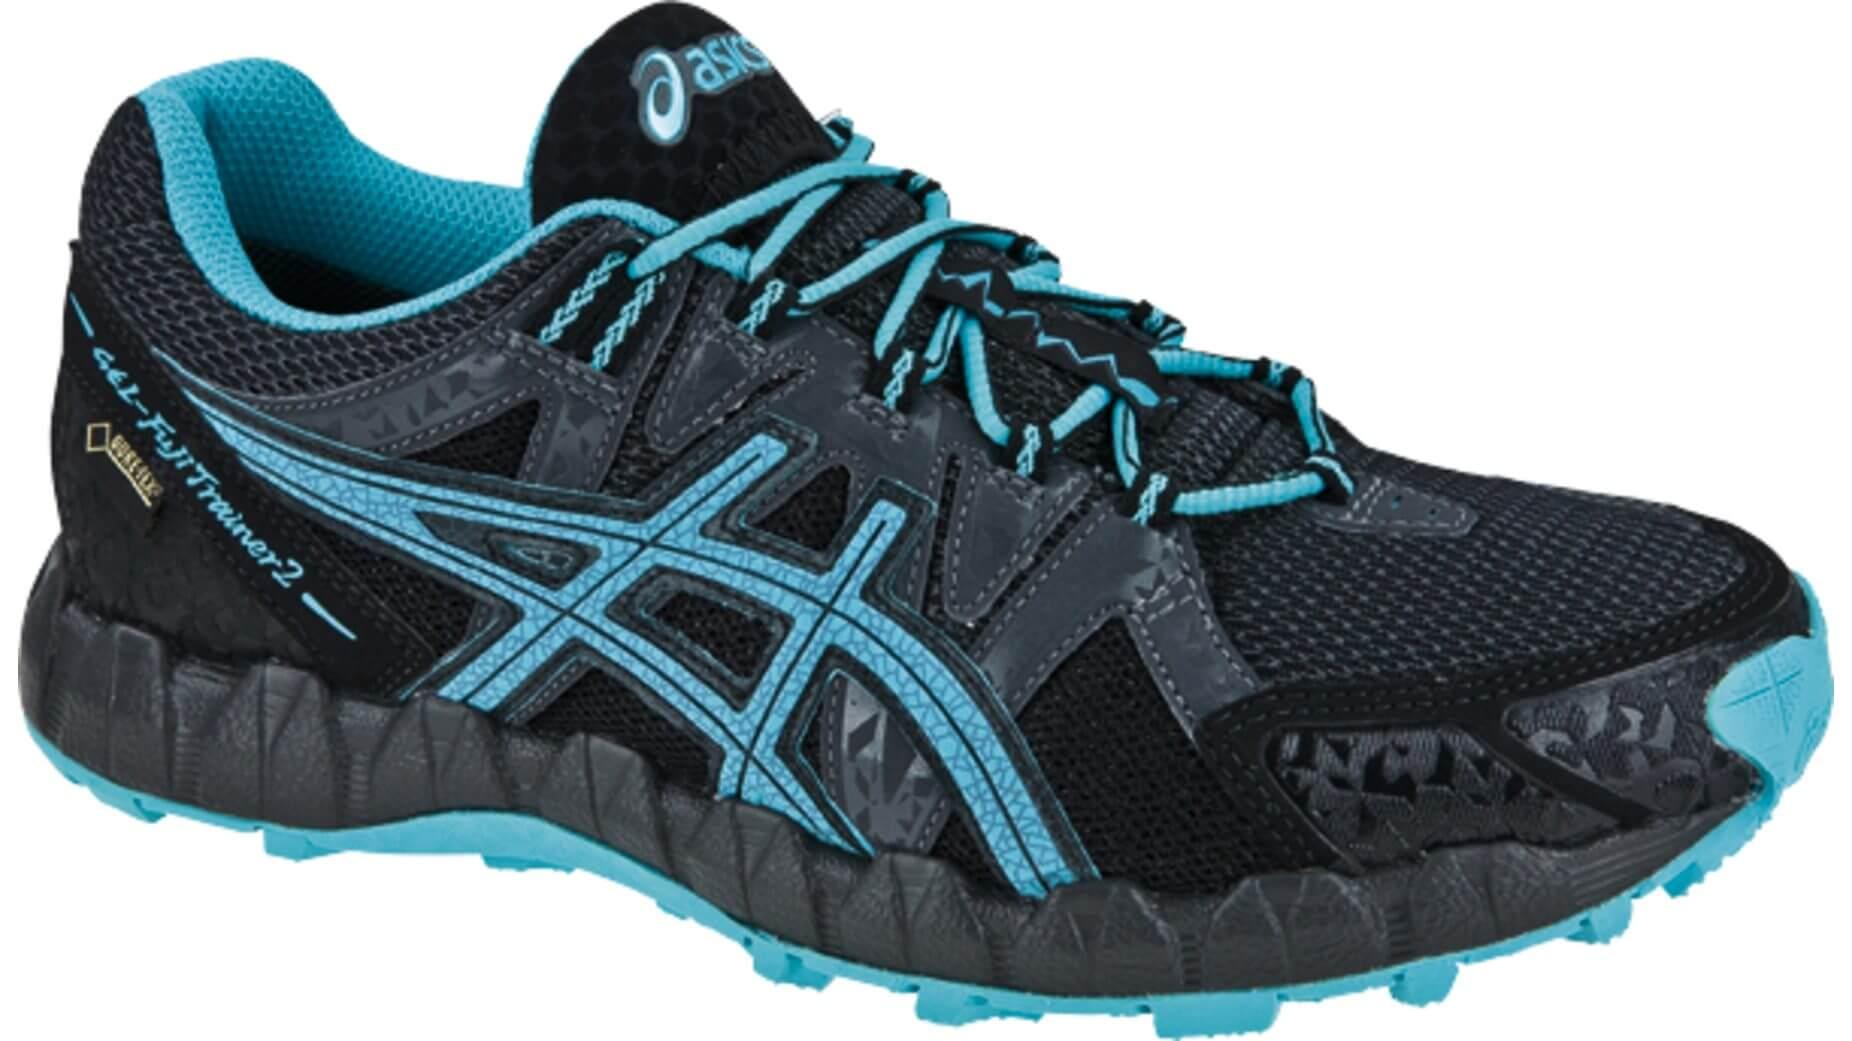 SchuheIntersport SchuheIntersport Gore Tex Tex Gore Gore vIYbgymf76